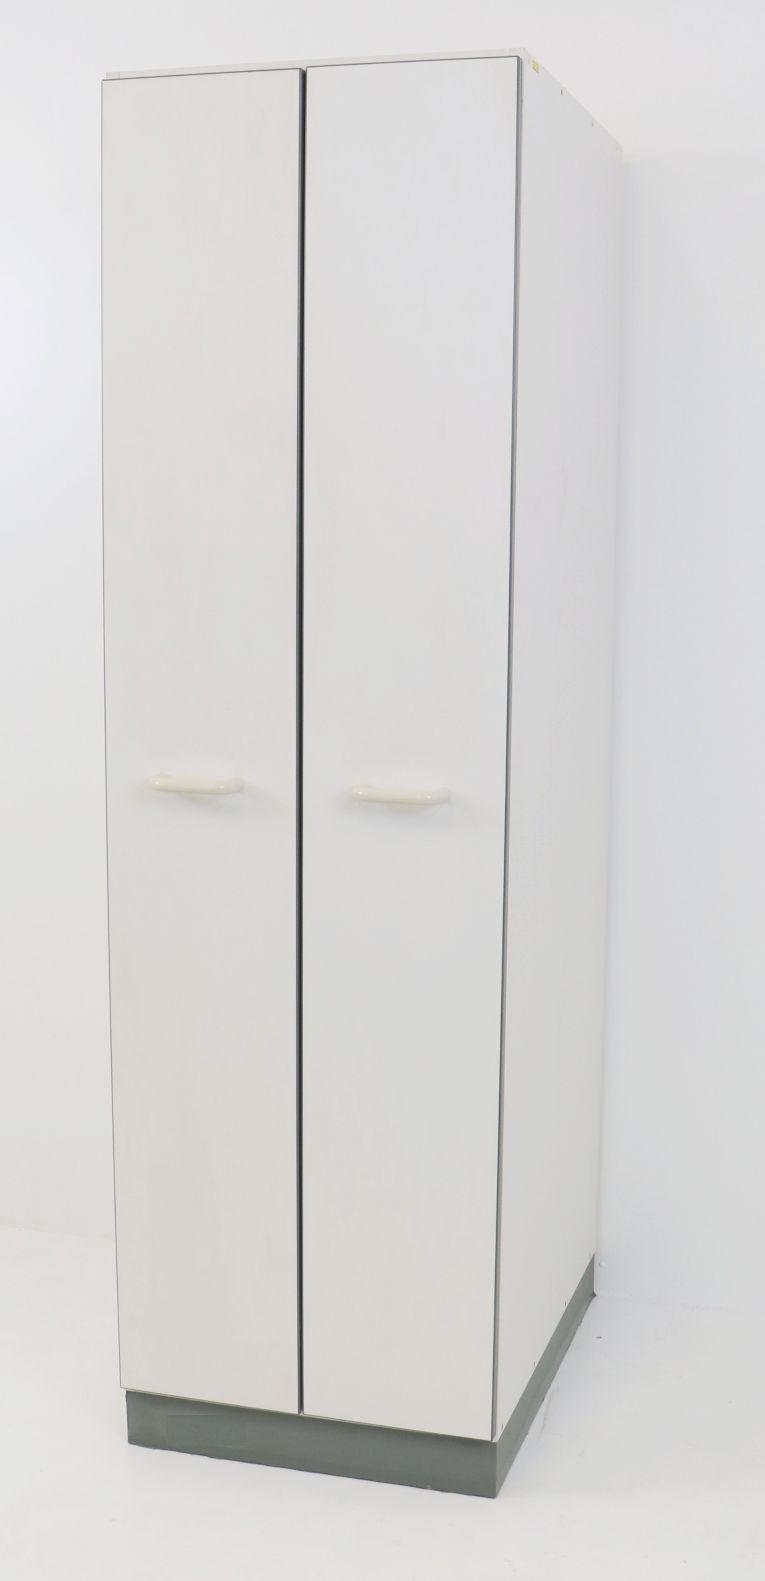 Full Size of Apothekerschrank Gebraucht Waldner B 60 Mit Garantie Geprfte Gebrauchte Küche Kaufen Fenster Verkaufen Landhausküche Gebrauchtwagen Bad Kreuznach Regale Wohnzimmer Apothekerschrank Gebraucht